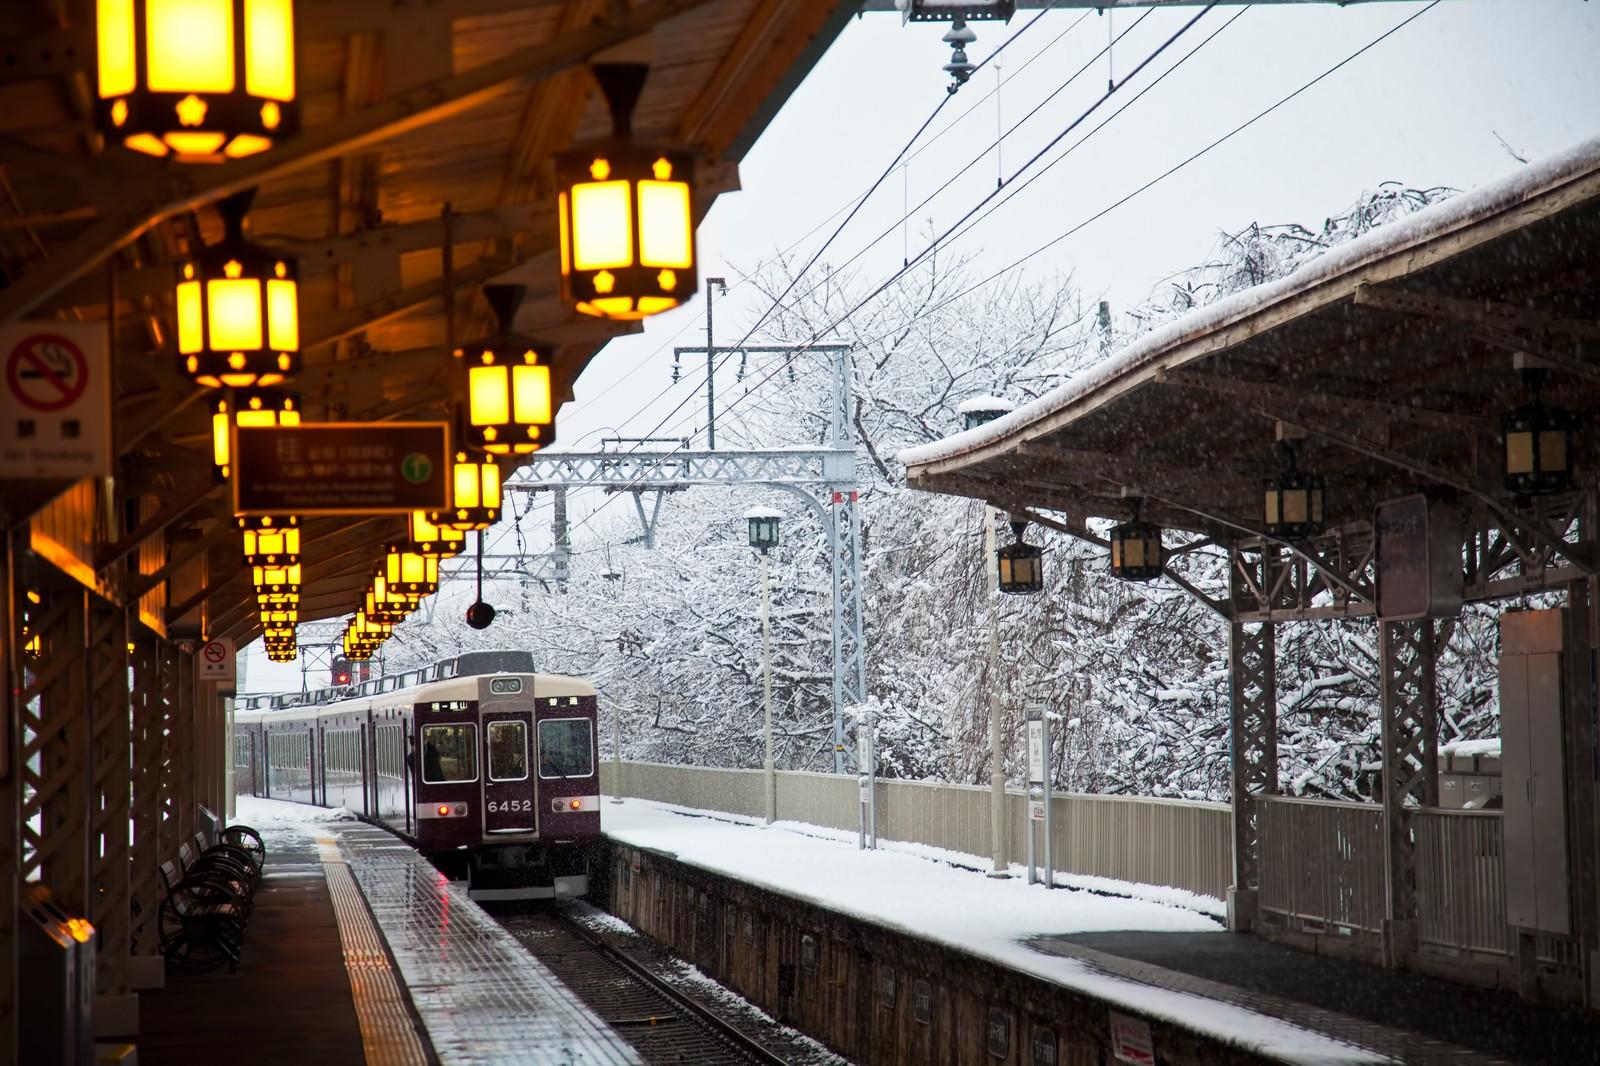 嵐山から金閣寺までのバス・電車などのアクセス方法解説!観光ルートも紹介